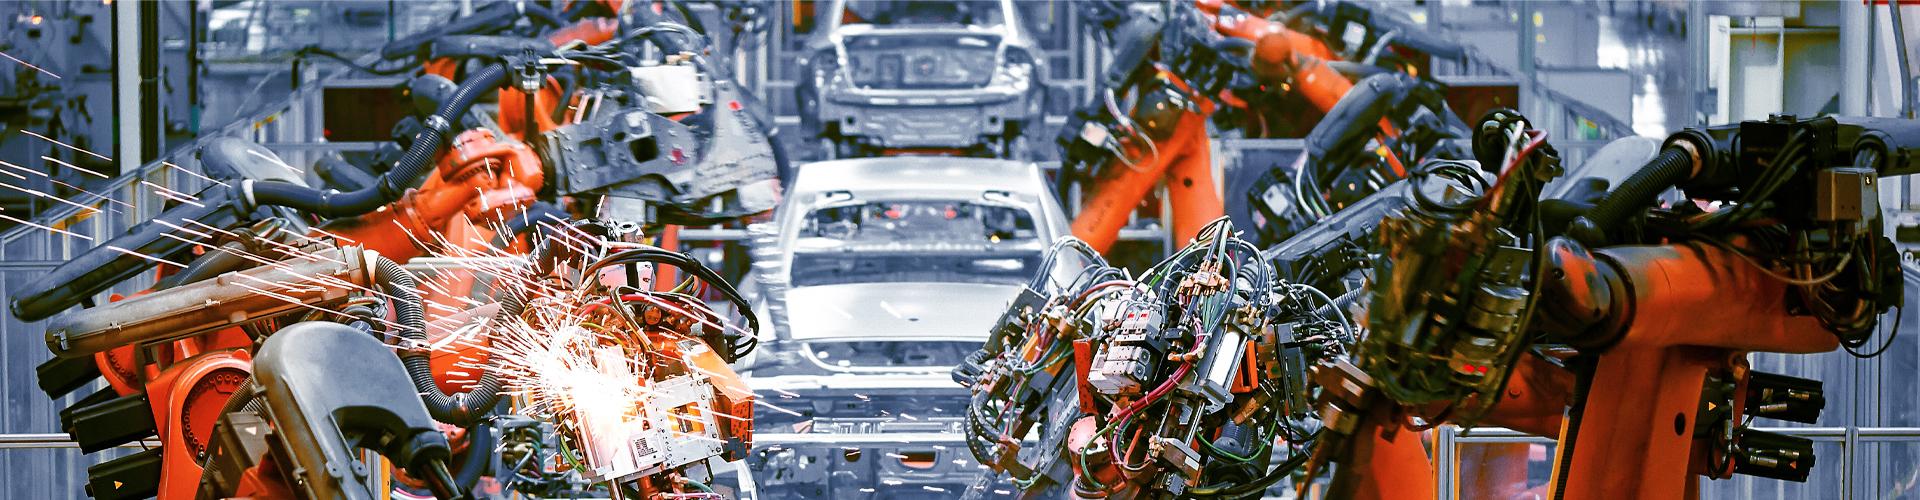 כנס תחבורה חכמה הנדסה ותעשייה